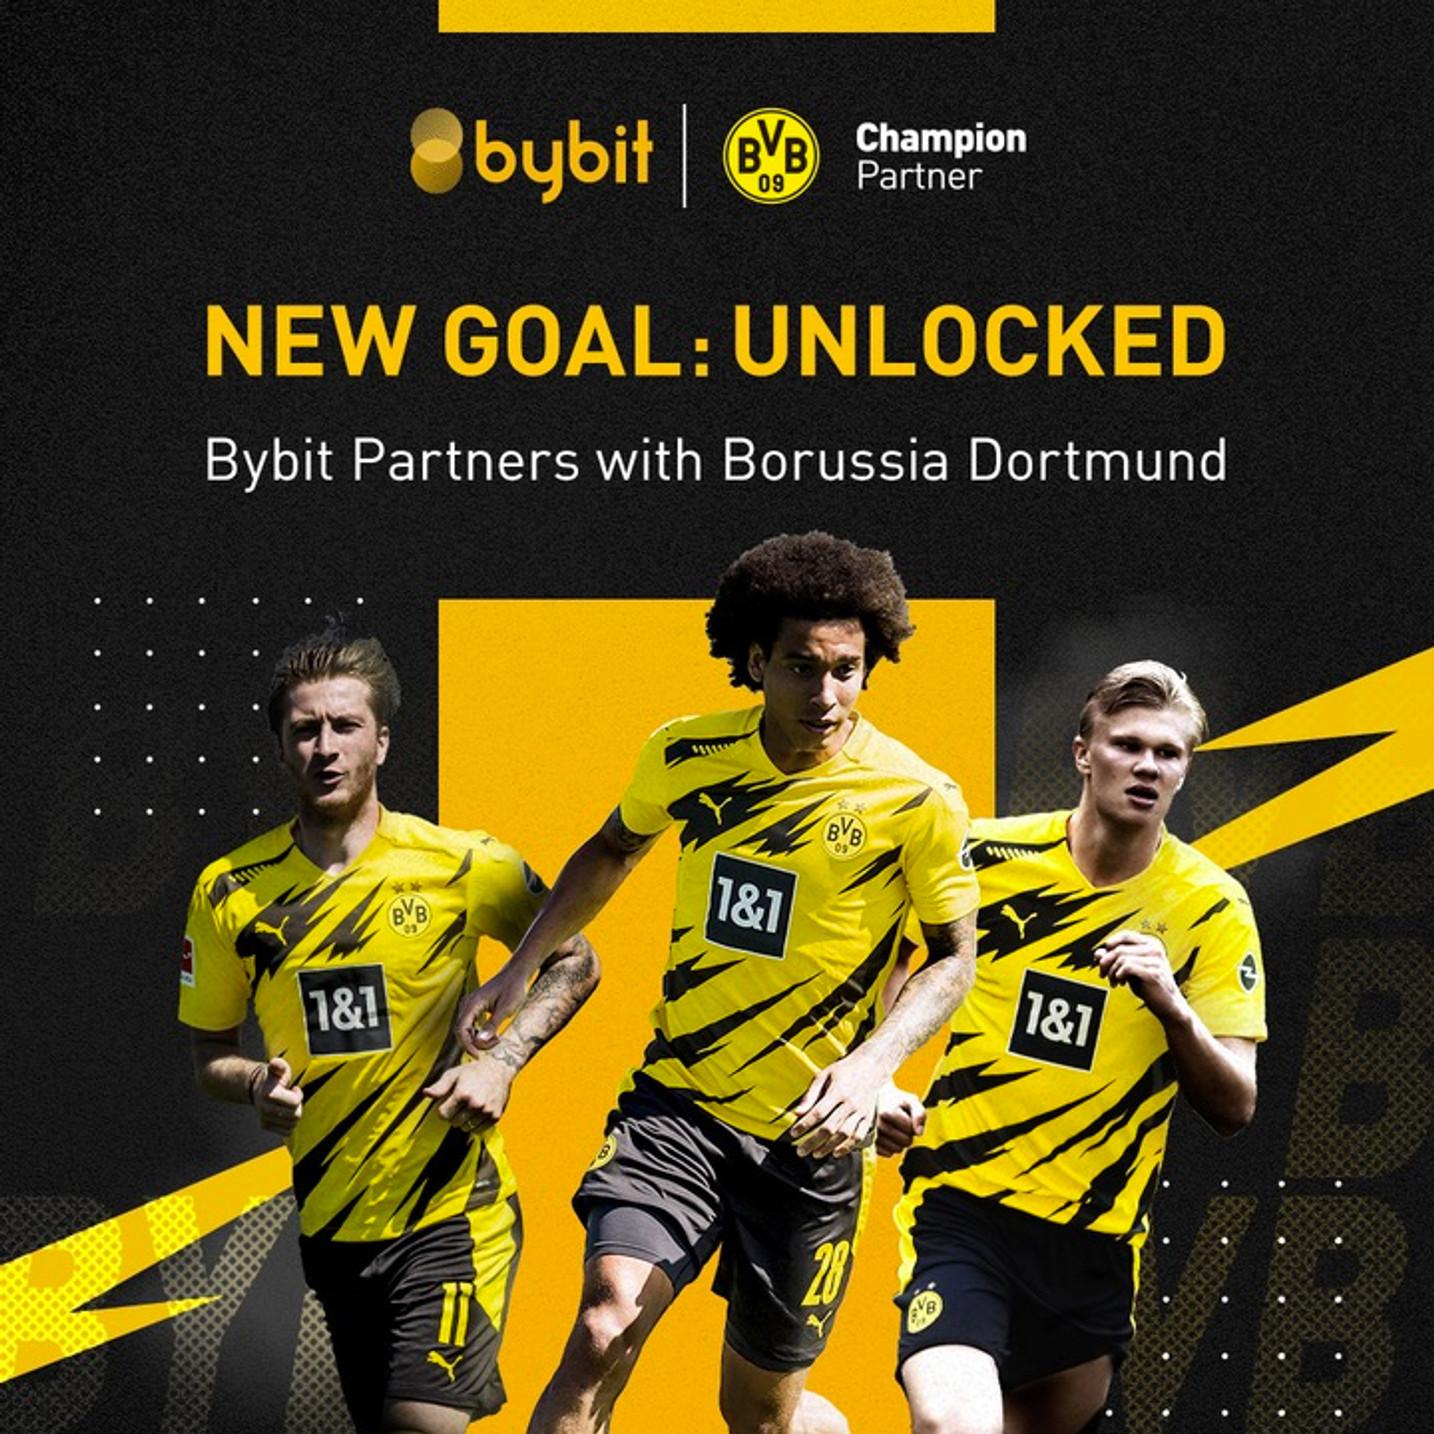 Bybit成为多特蒙德俱乐部最新的国际冠军级合作伙伴